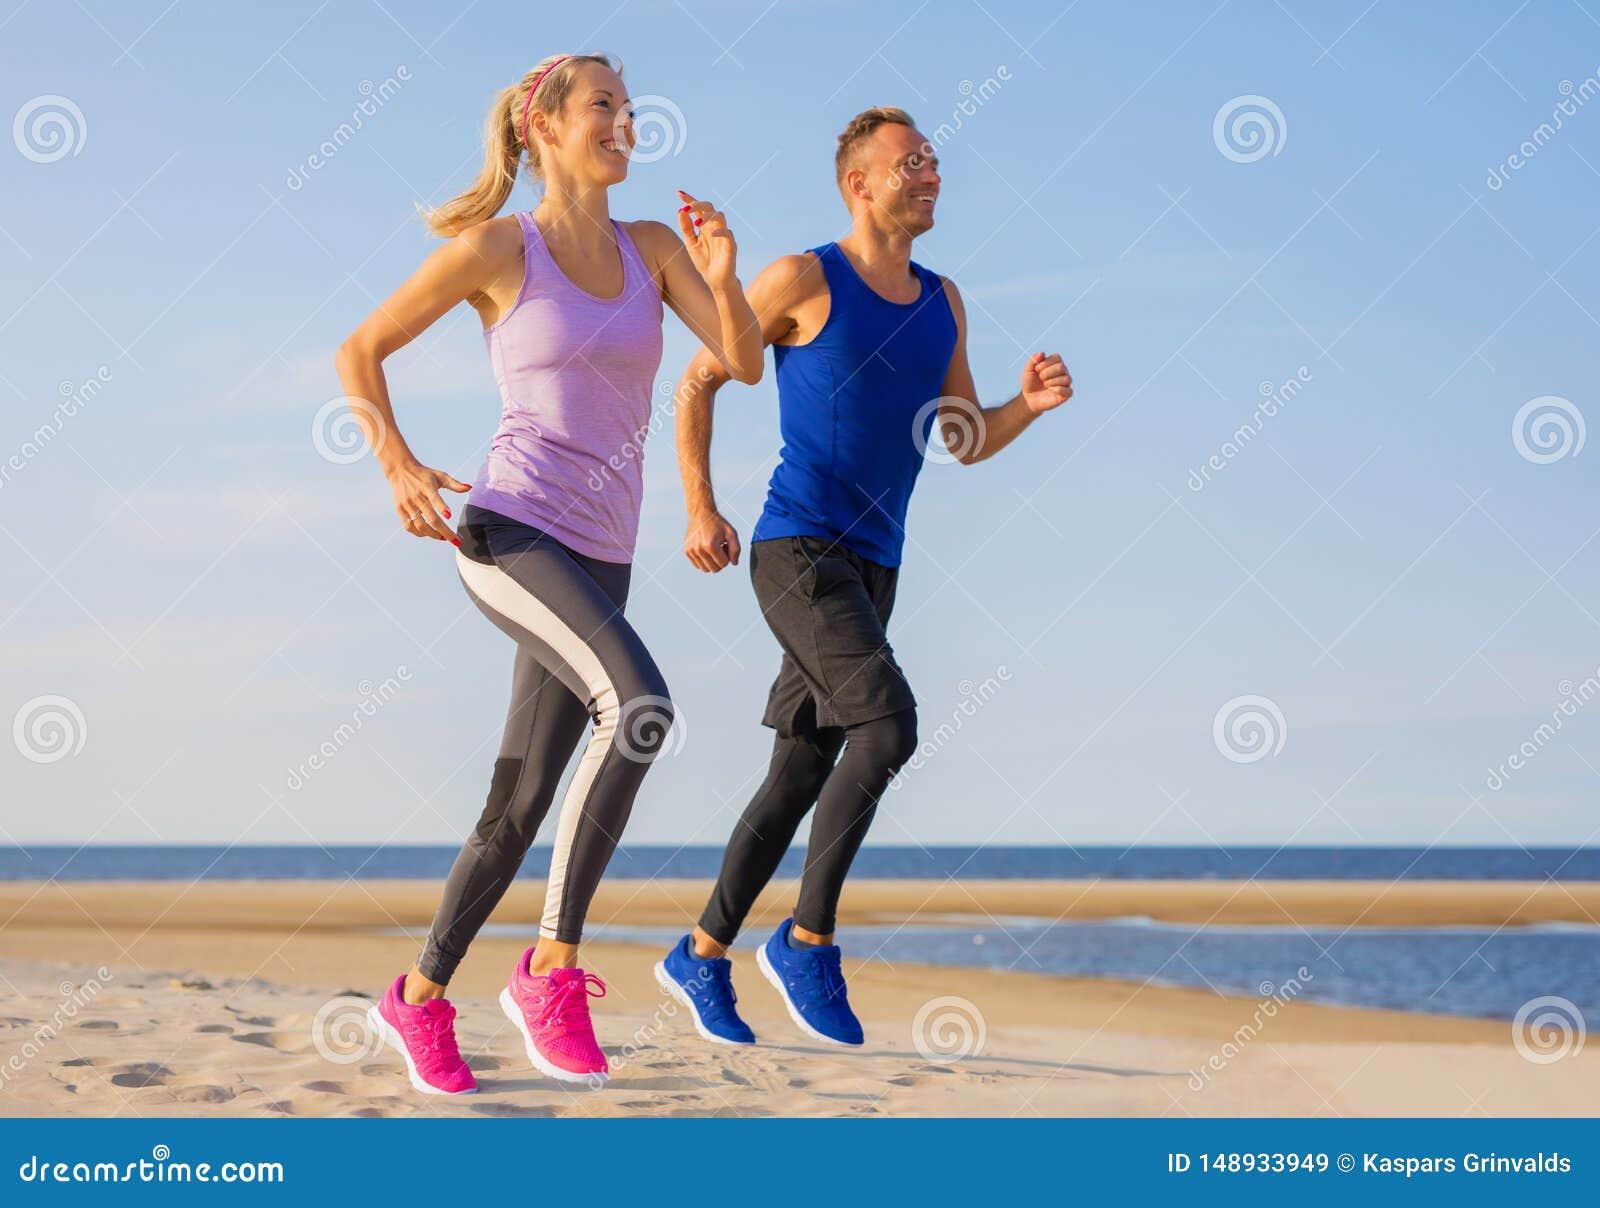 Ευτυχές και κατάλληλο τρέξιμο ζευγών